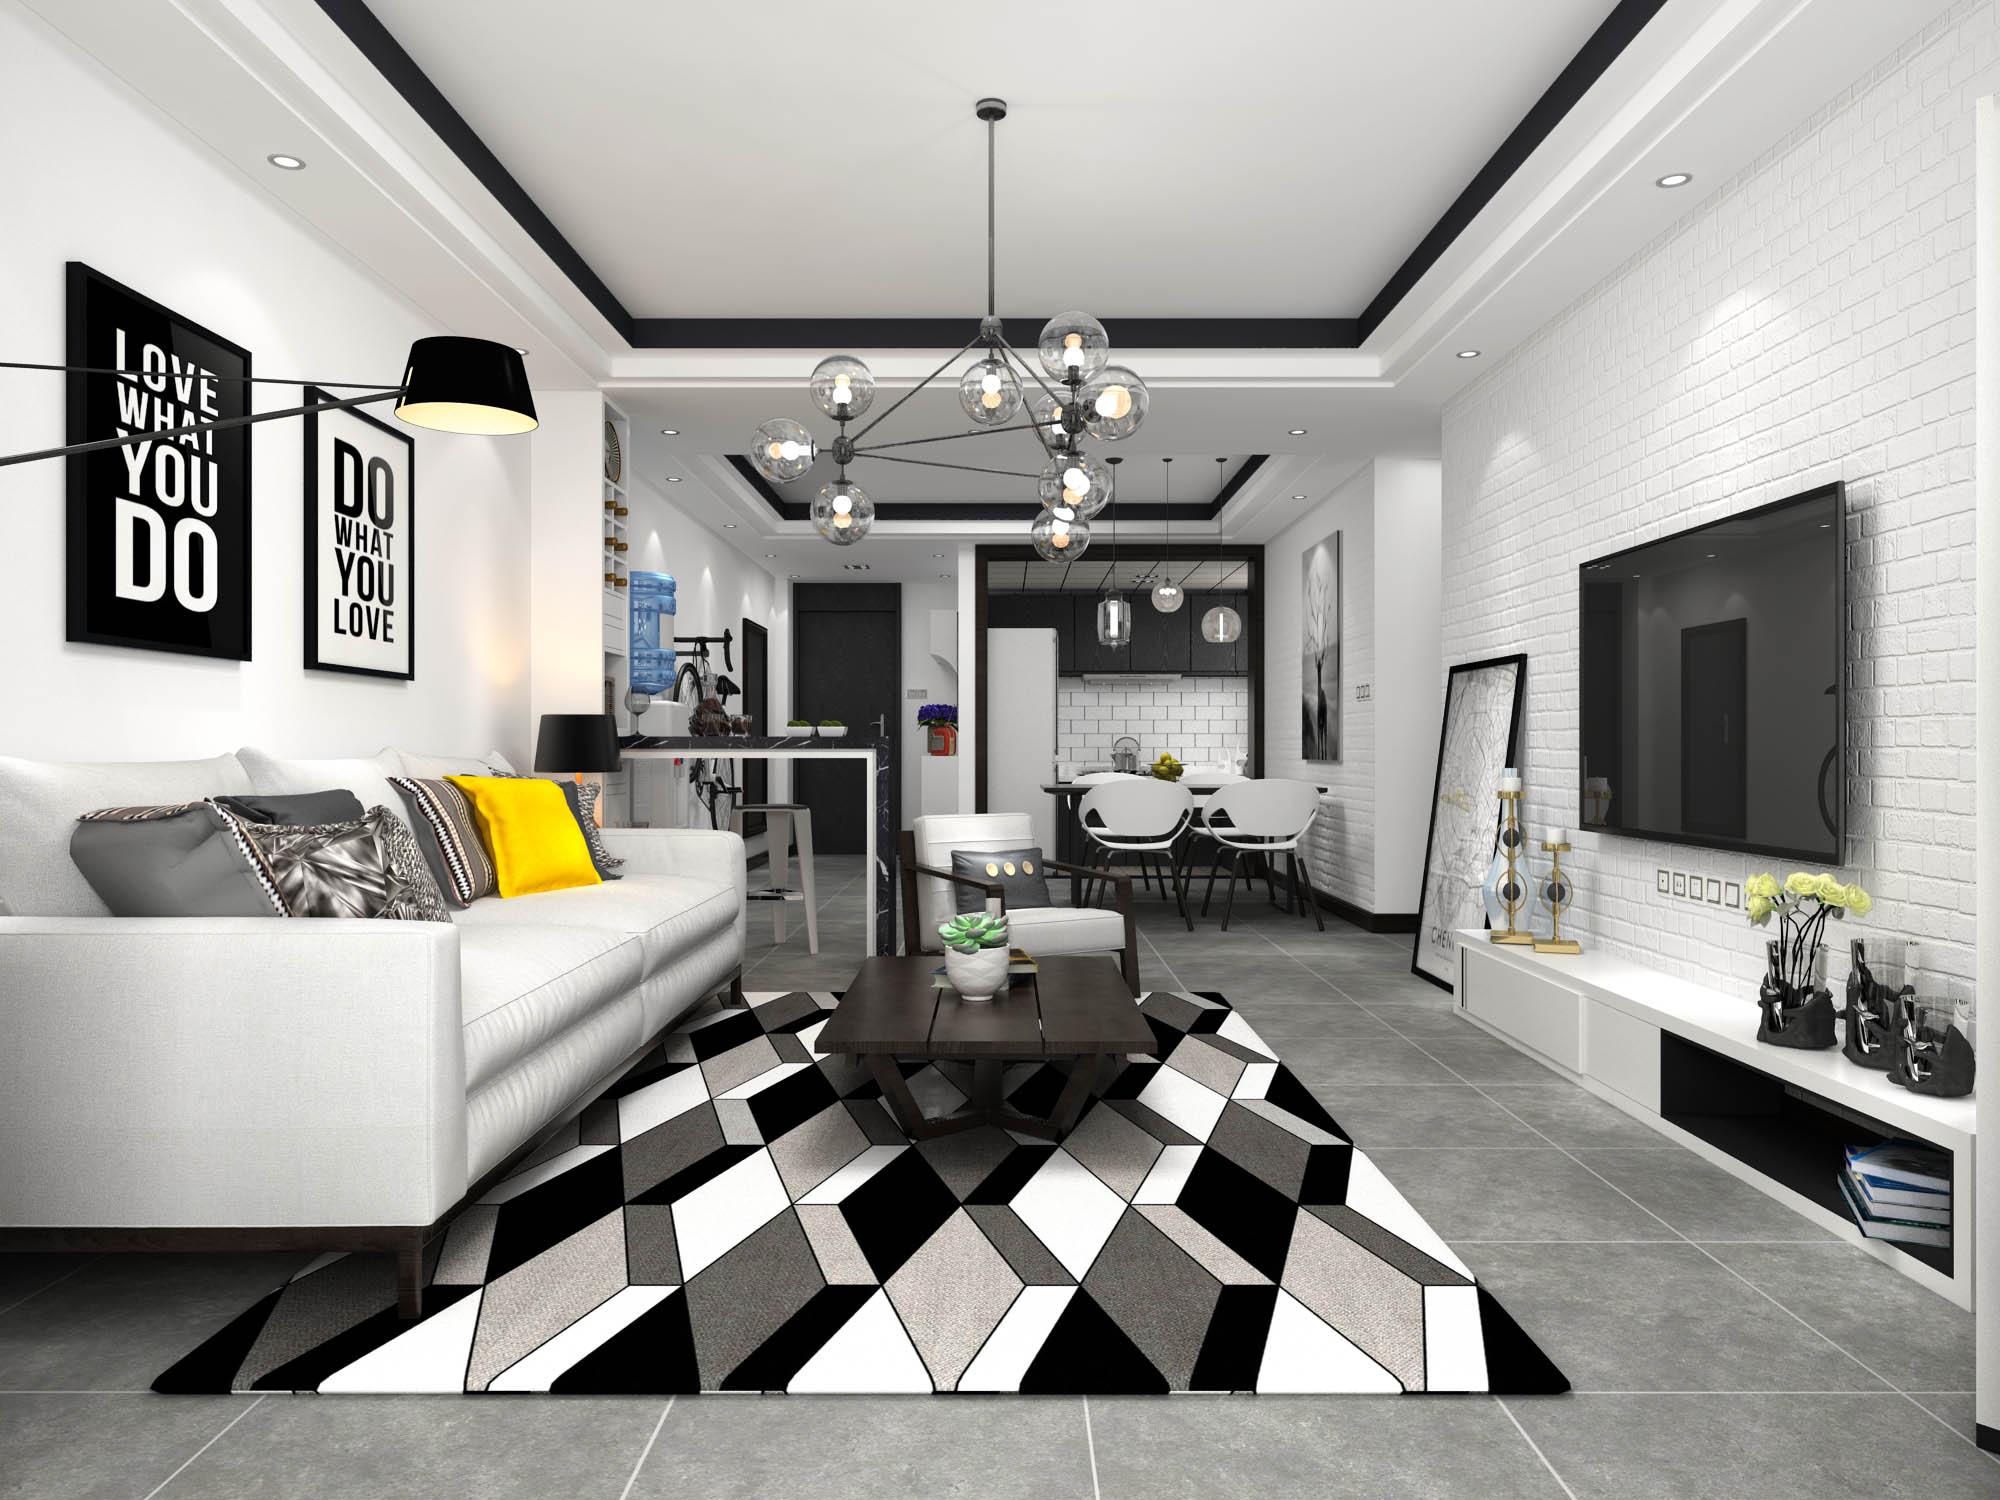 黑白灰北欧风格客厅装修效果图